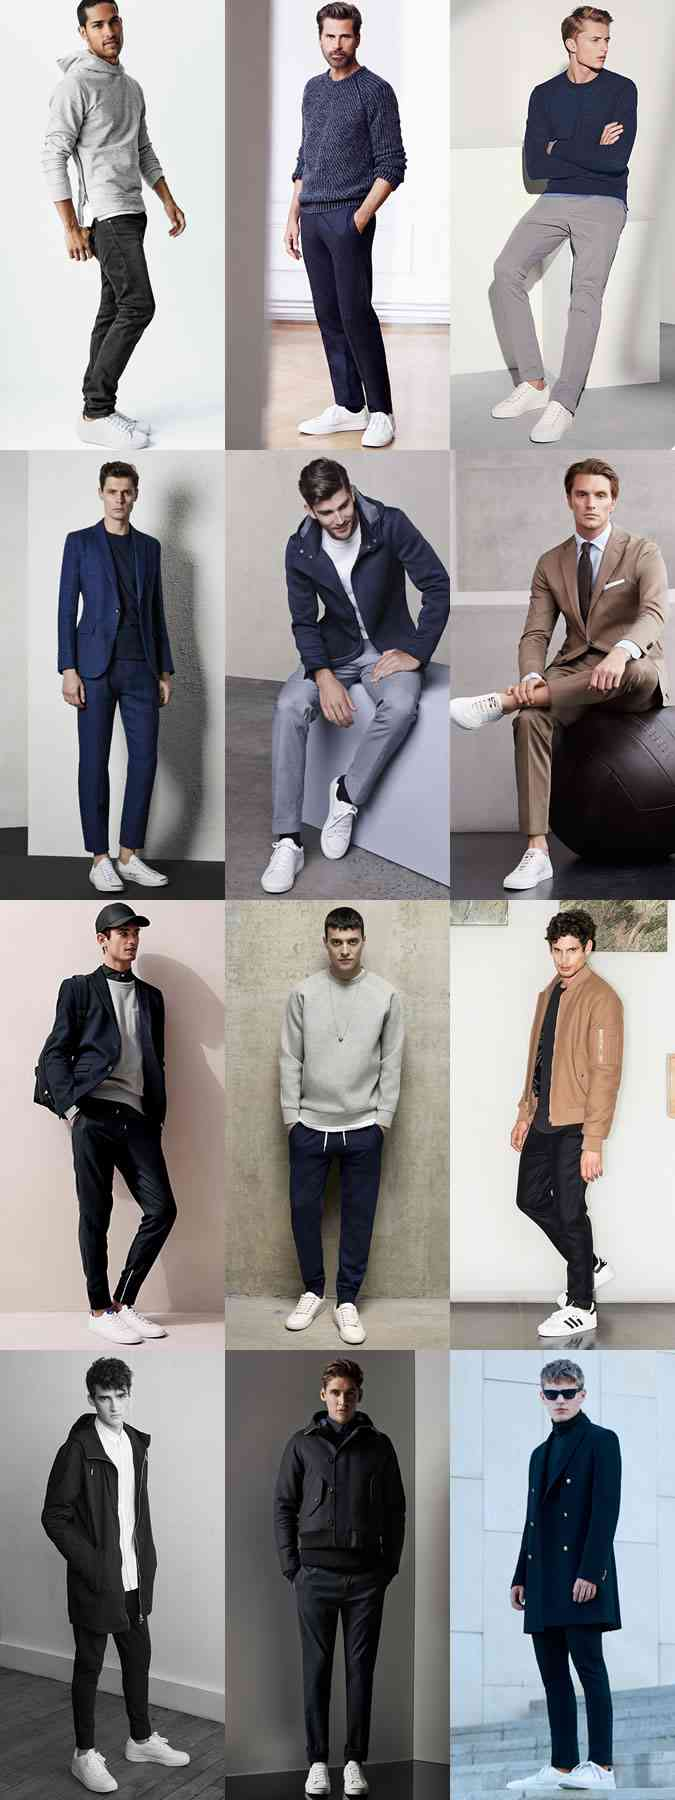 5 pantofi albi la moda